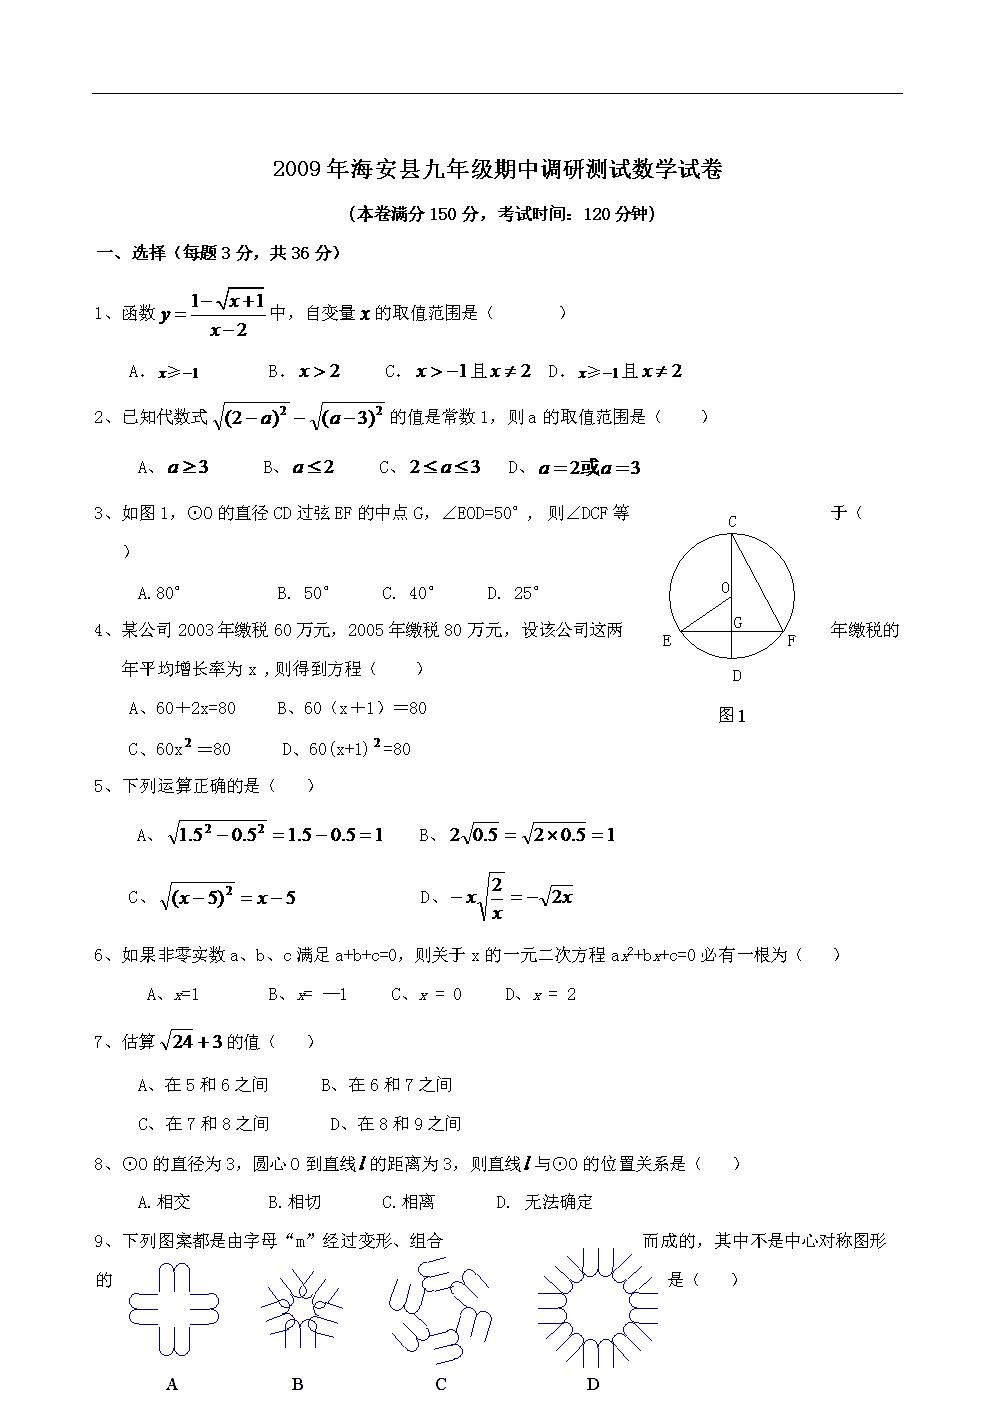 江苏海安学年九年级期中联考试卷--数学.doc